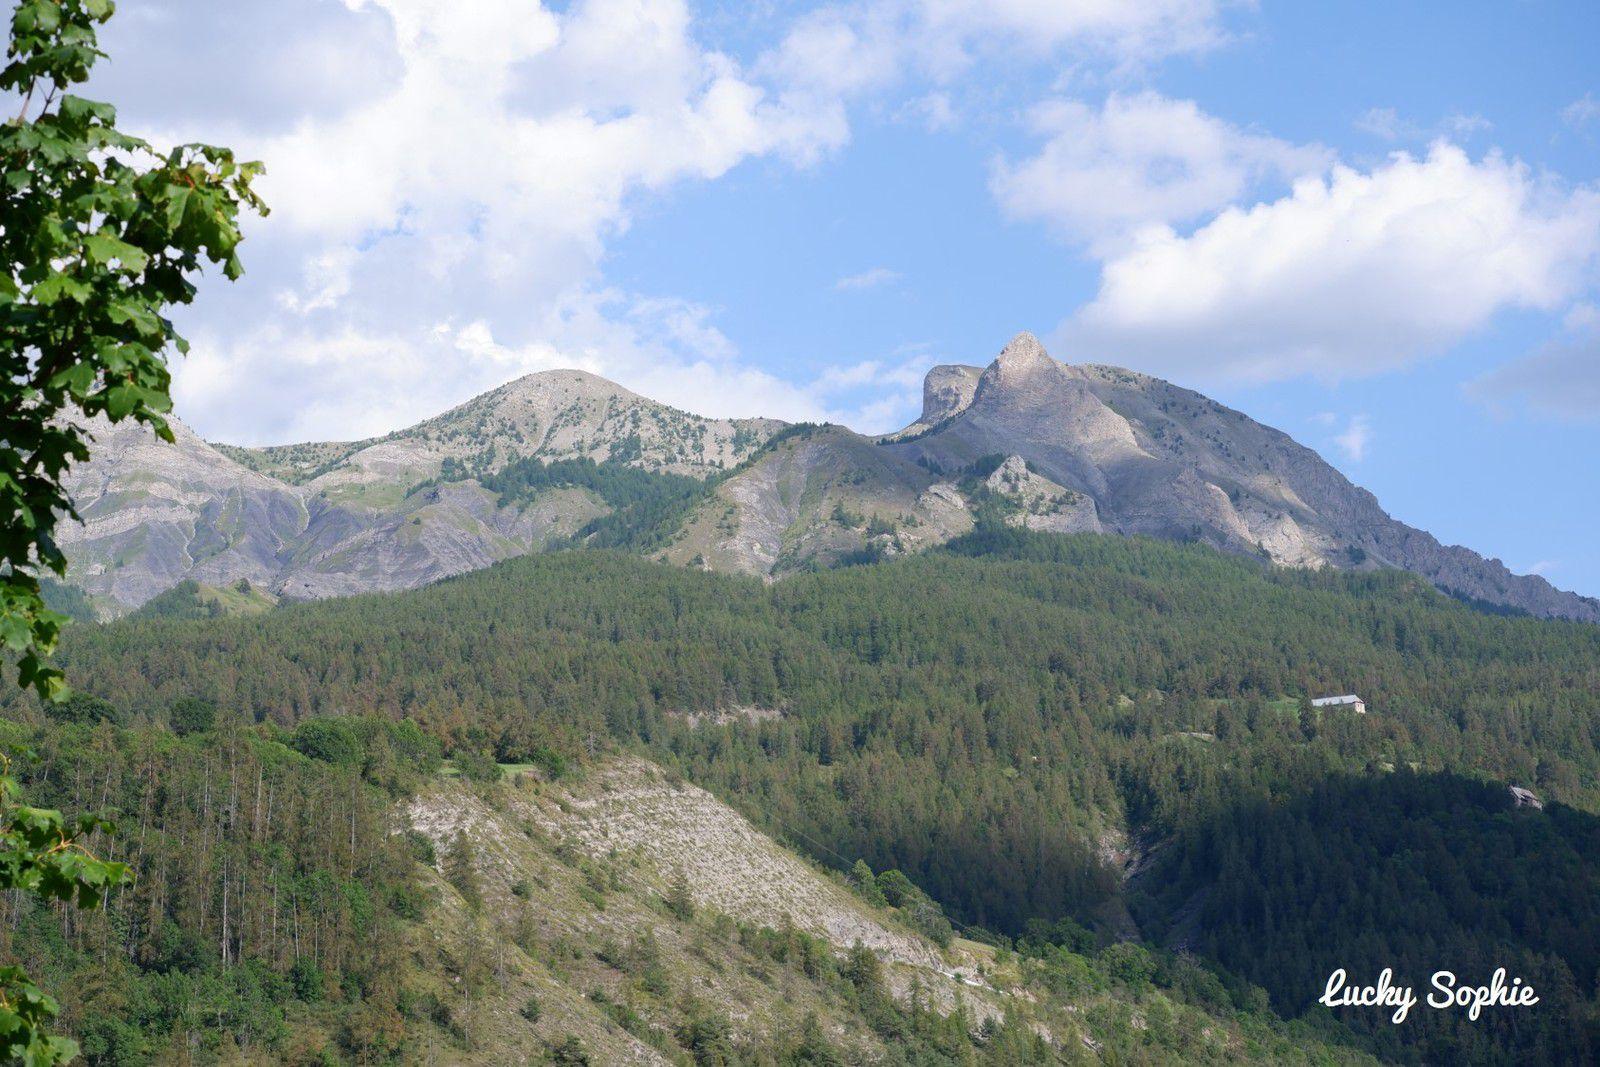 La montagne de la femme couchée ! Vous aussi vous adorez repérer des formes dans les nuages et les montagnes ?!